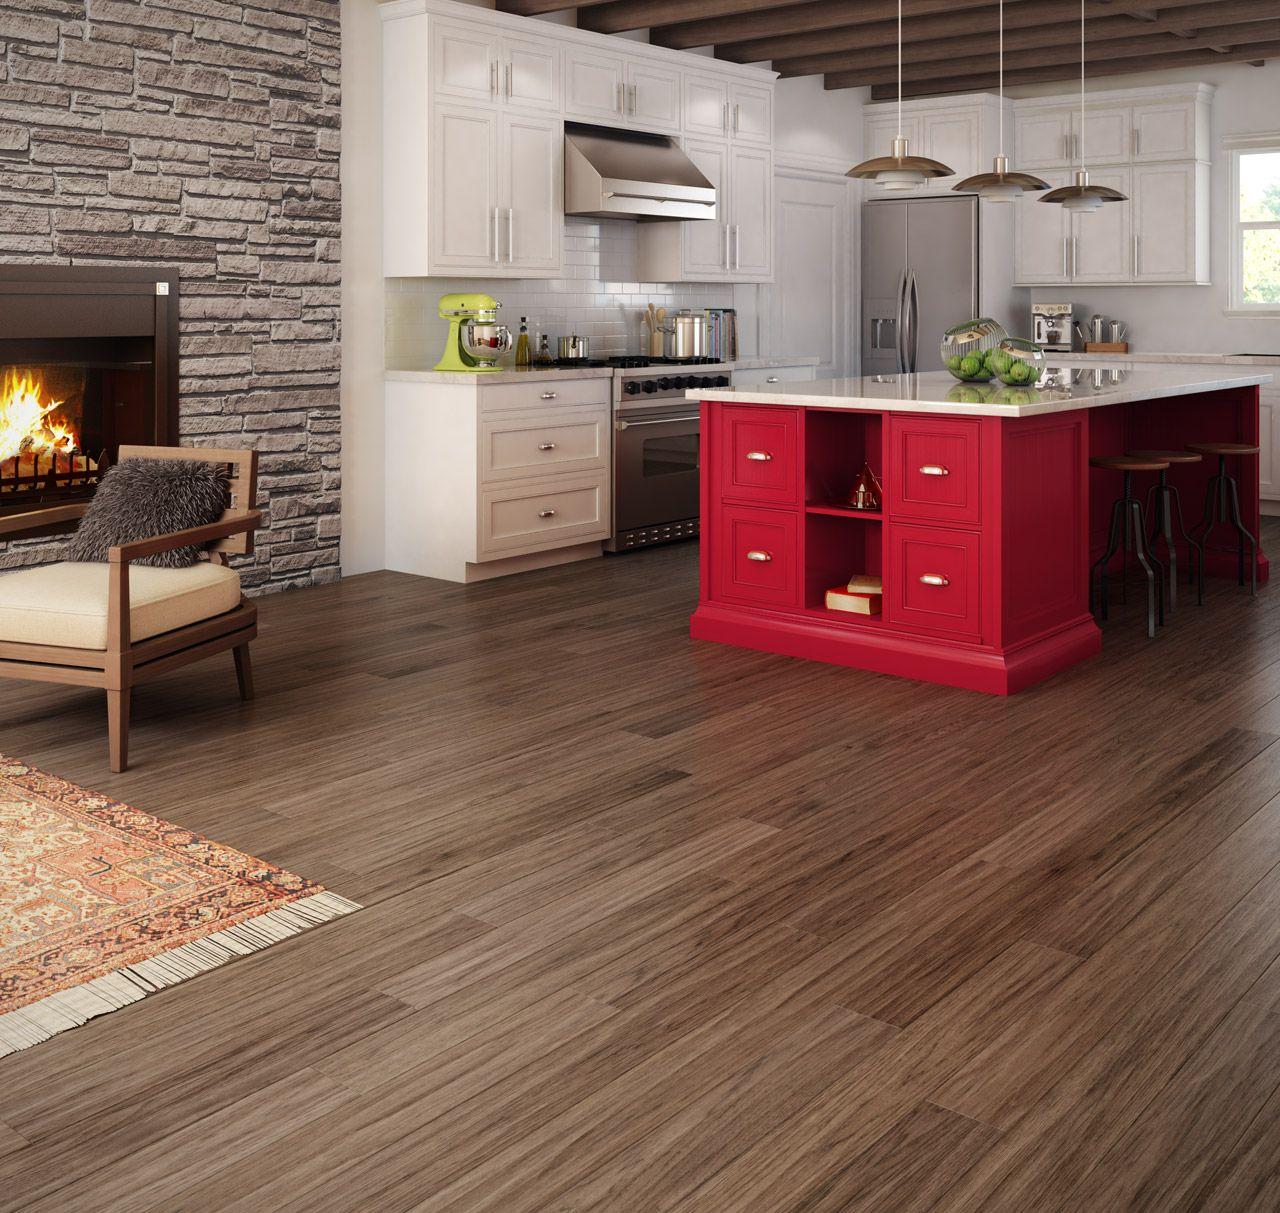 planchers de bois franc preverco cuisine champ tre revisit e hickory texture wave couleur. Black Bedroom Furniture Sets. Home Design Ideas